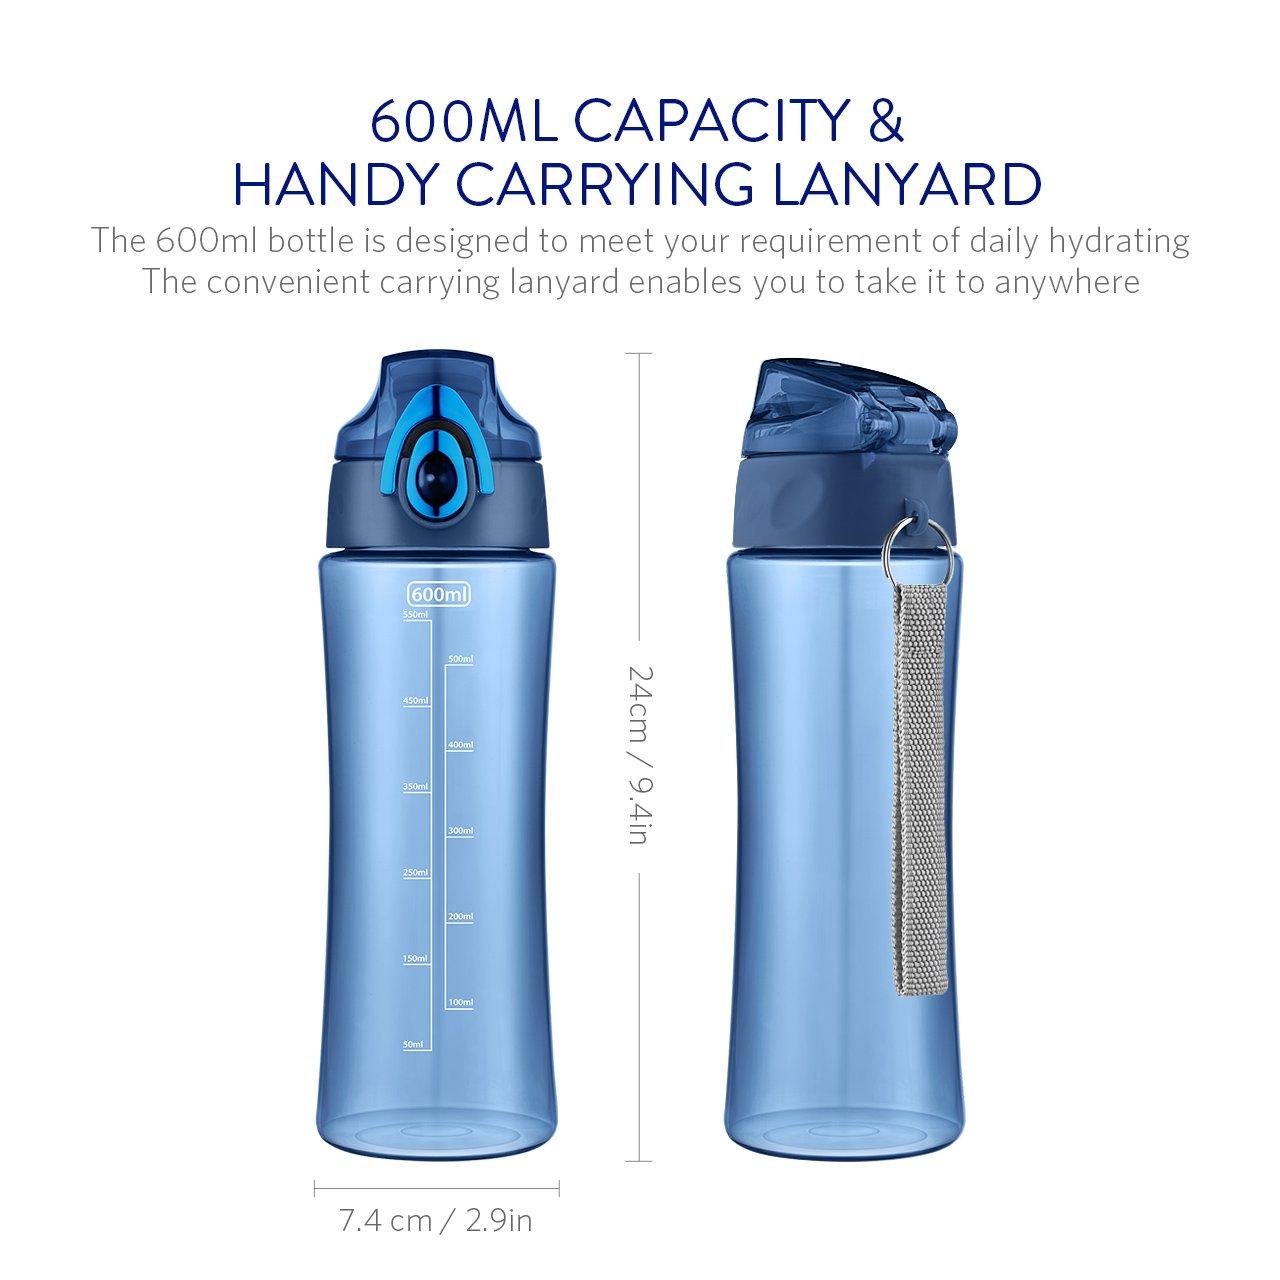 OMorc 600ml Botella de Agua Deporte, Muy Resistente Fabricado Con Un Plástico Libre de BPA No Tóxico, Tiene un Doble Cierre de Seguridad, 1-Click ...